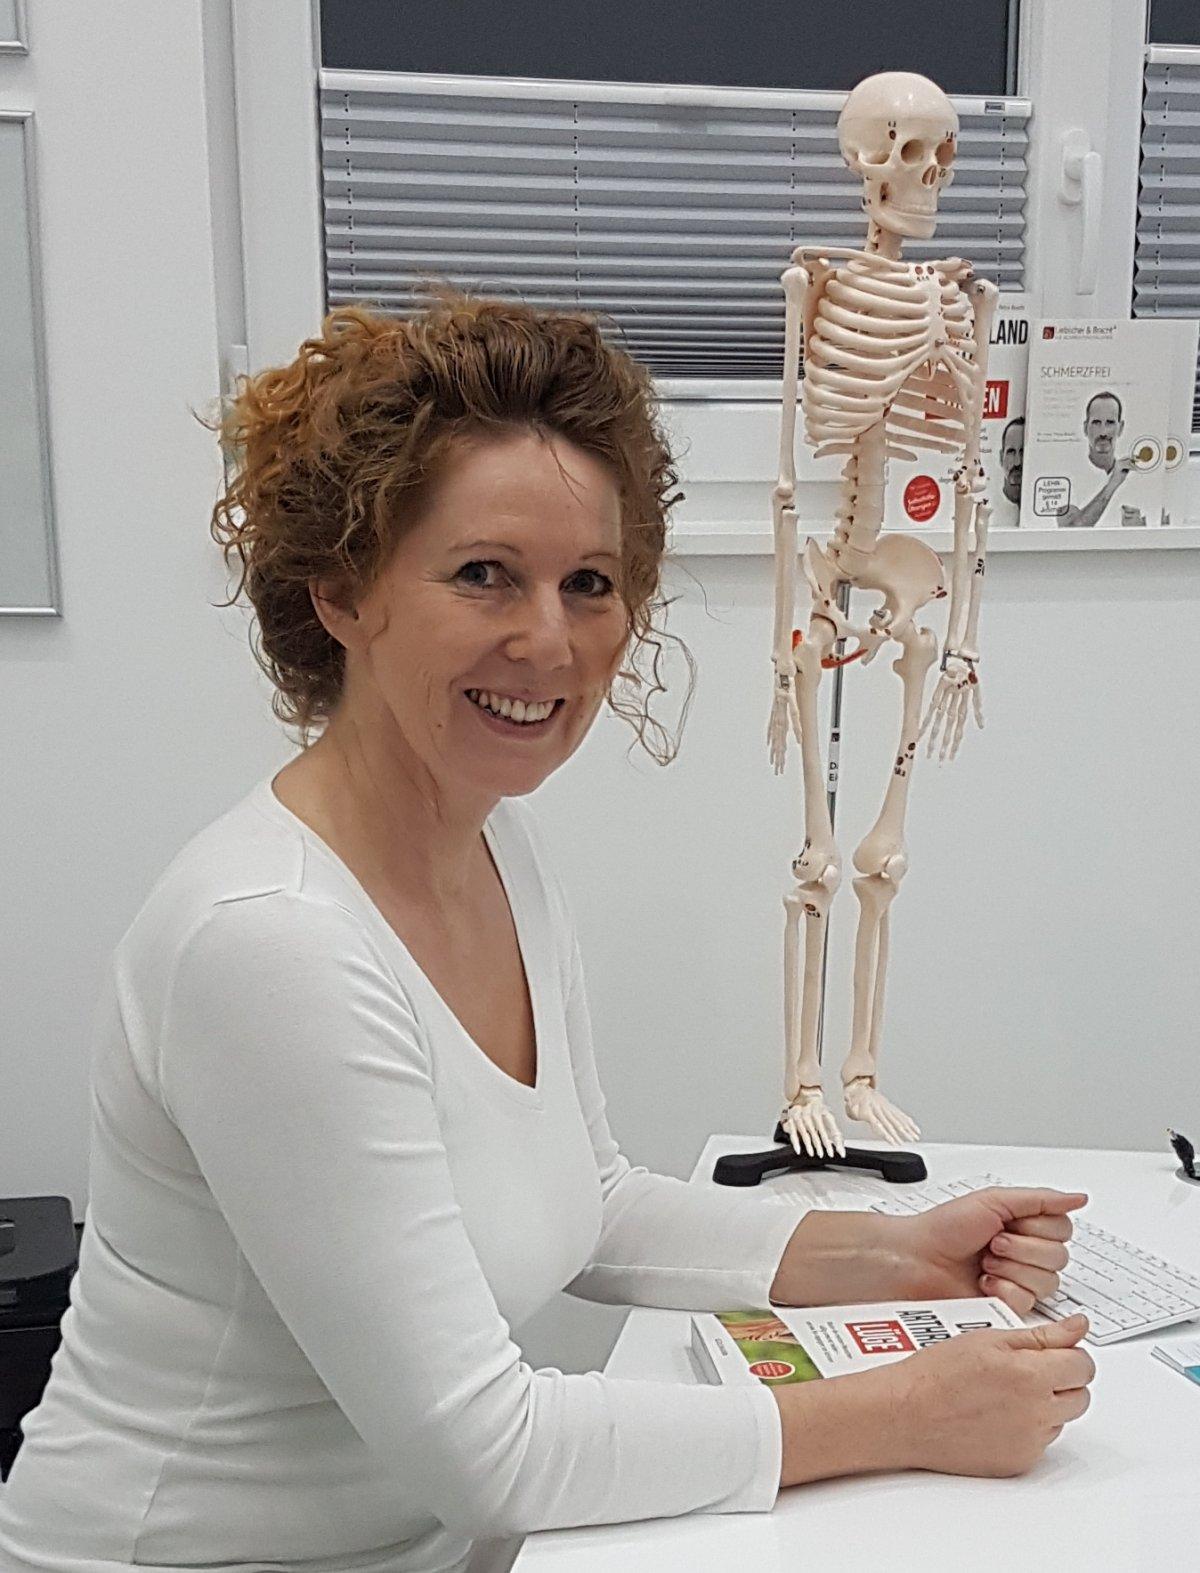 Das Foto zeigt die Heilpraktikerin Daniela Eisenhardt sitzend an einem Tisch. Im Hintergrund steht ein Modell Skelett und zwischen ihren Händen auf dem Tisch liegt ein Buch von Liebscher & Bracht. Sie hat braune Locken, die sie zusammen gebunden hat und t